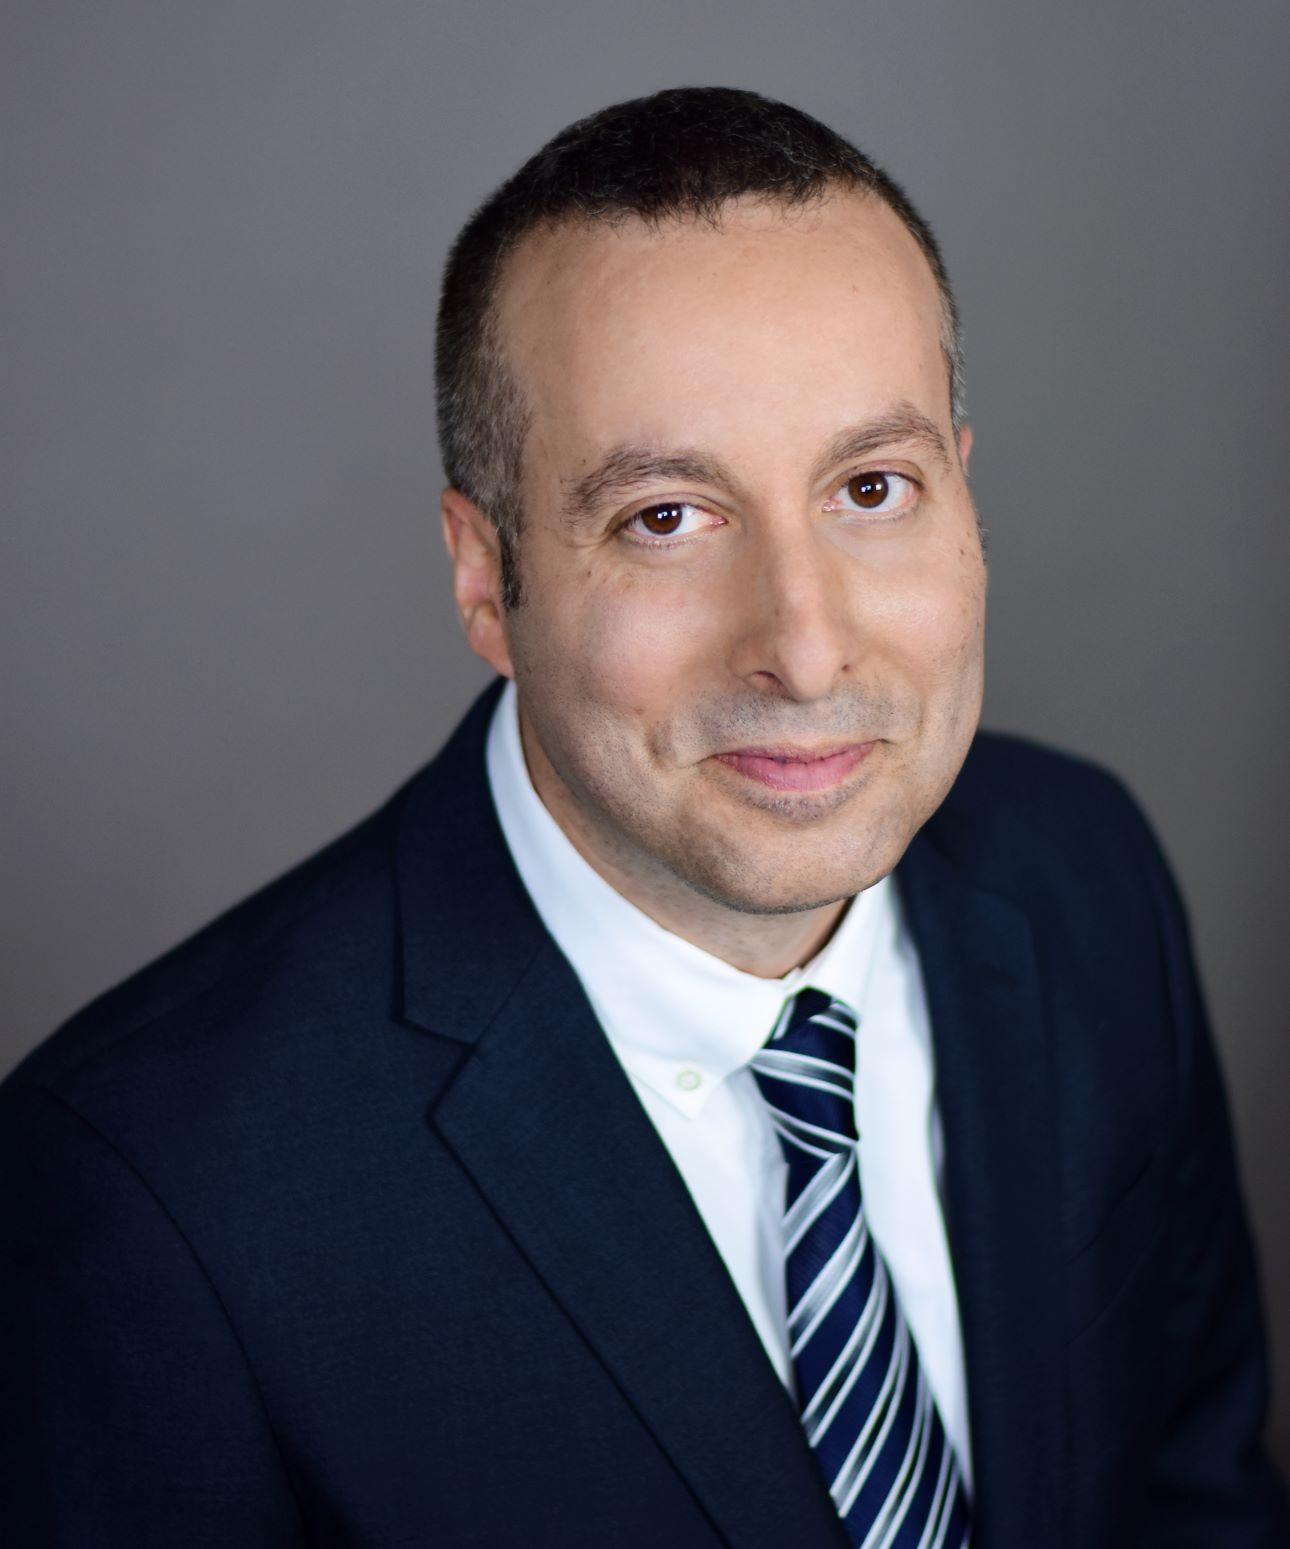 Sean B. Oster